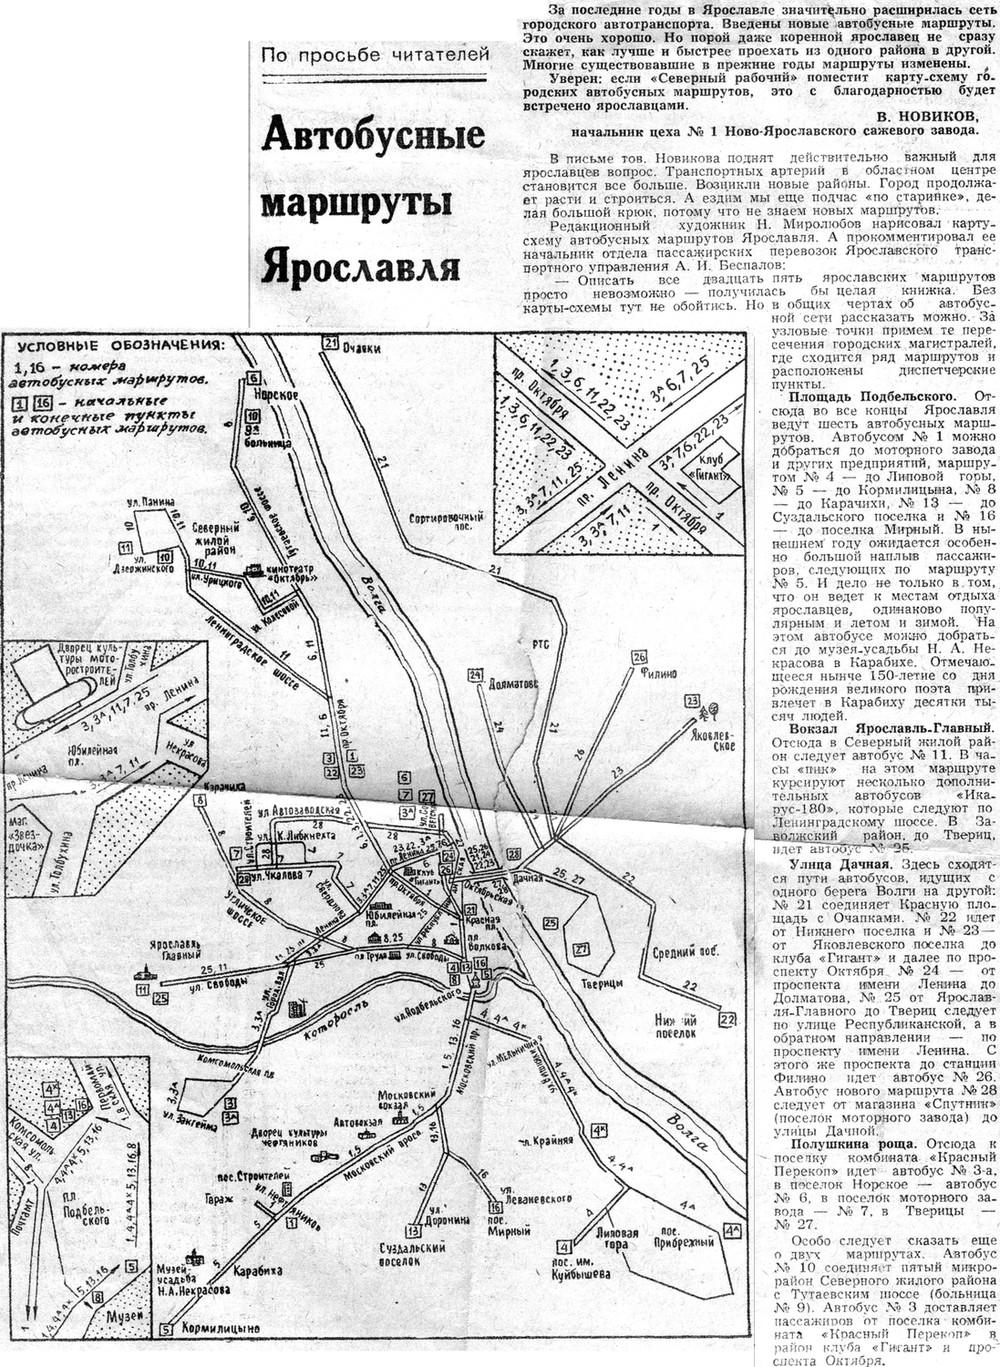 Схема движения автобусов в Ярославле, 1971 год